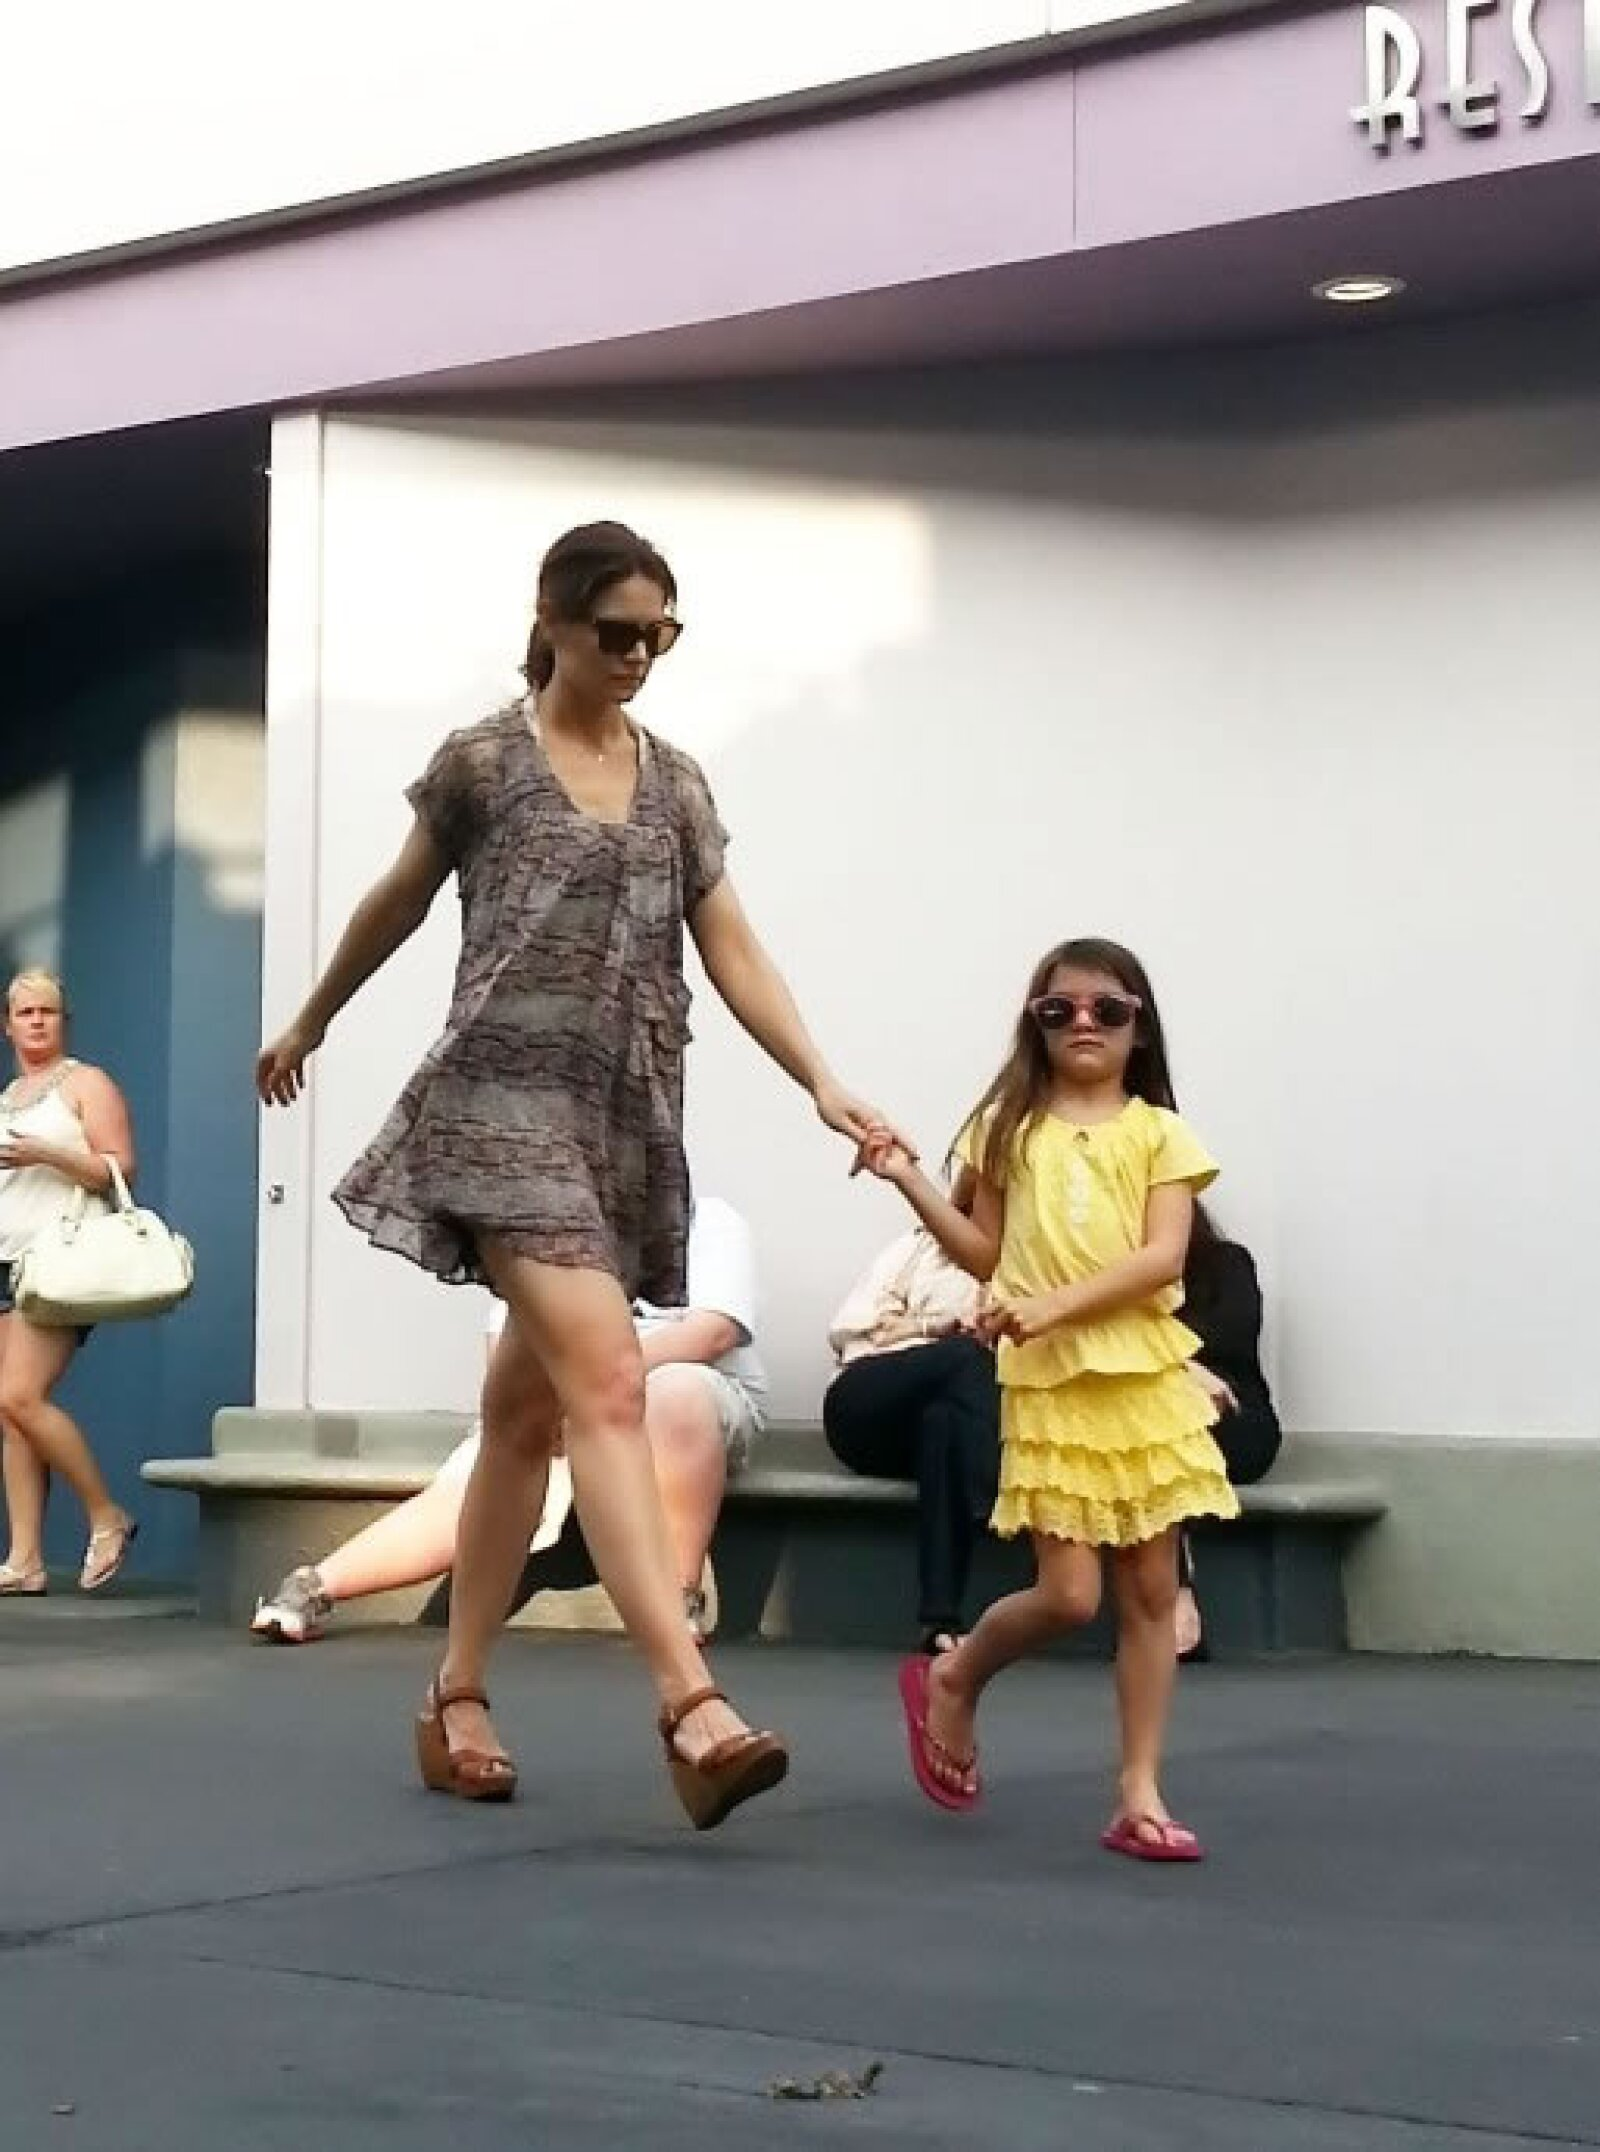 La última vez que captaron a Suri con Katie fue en Disney.